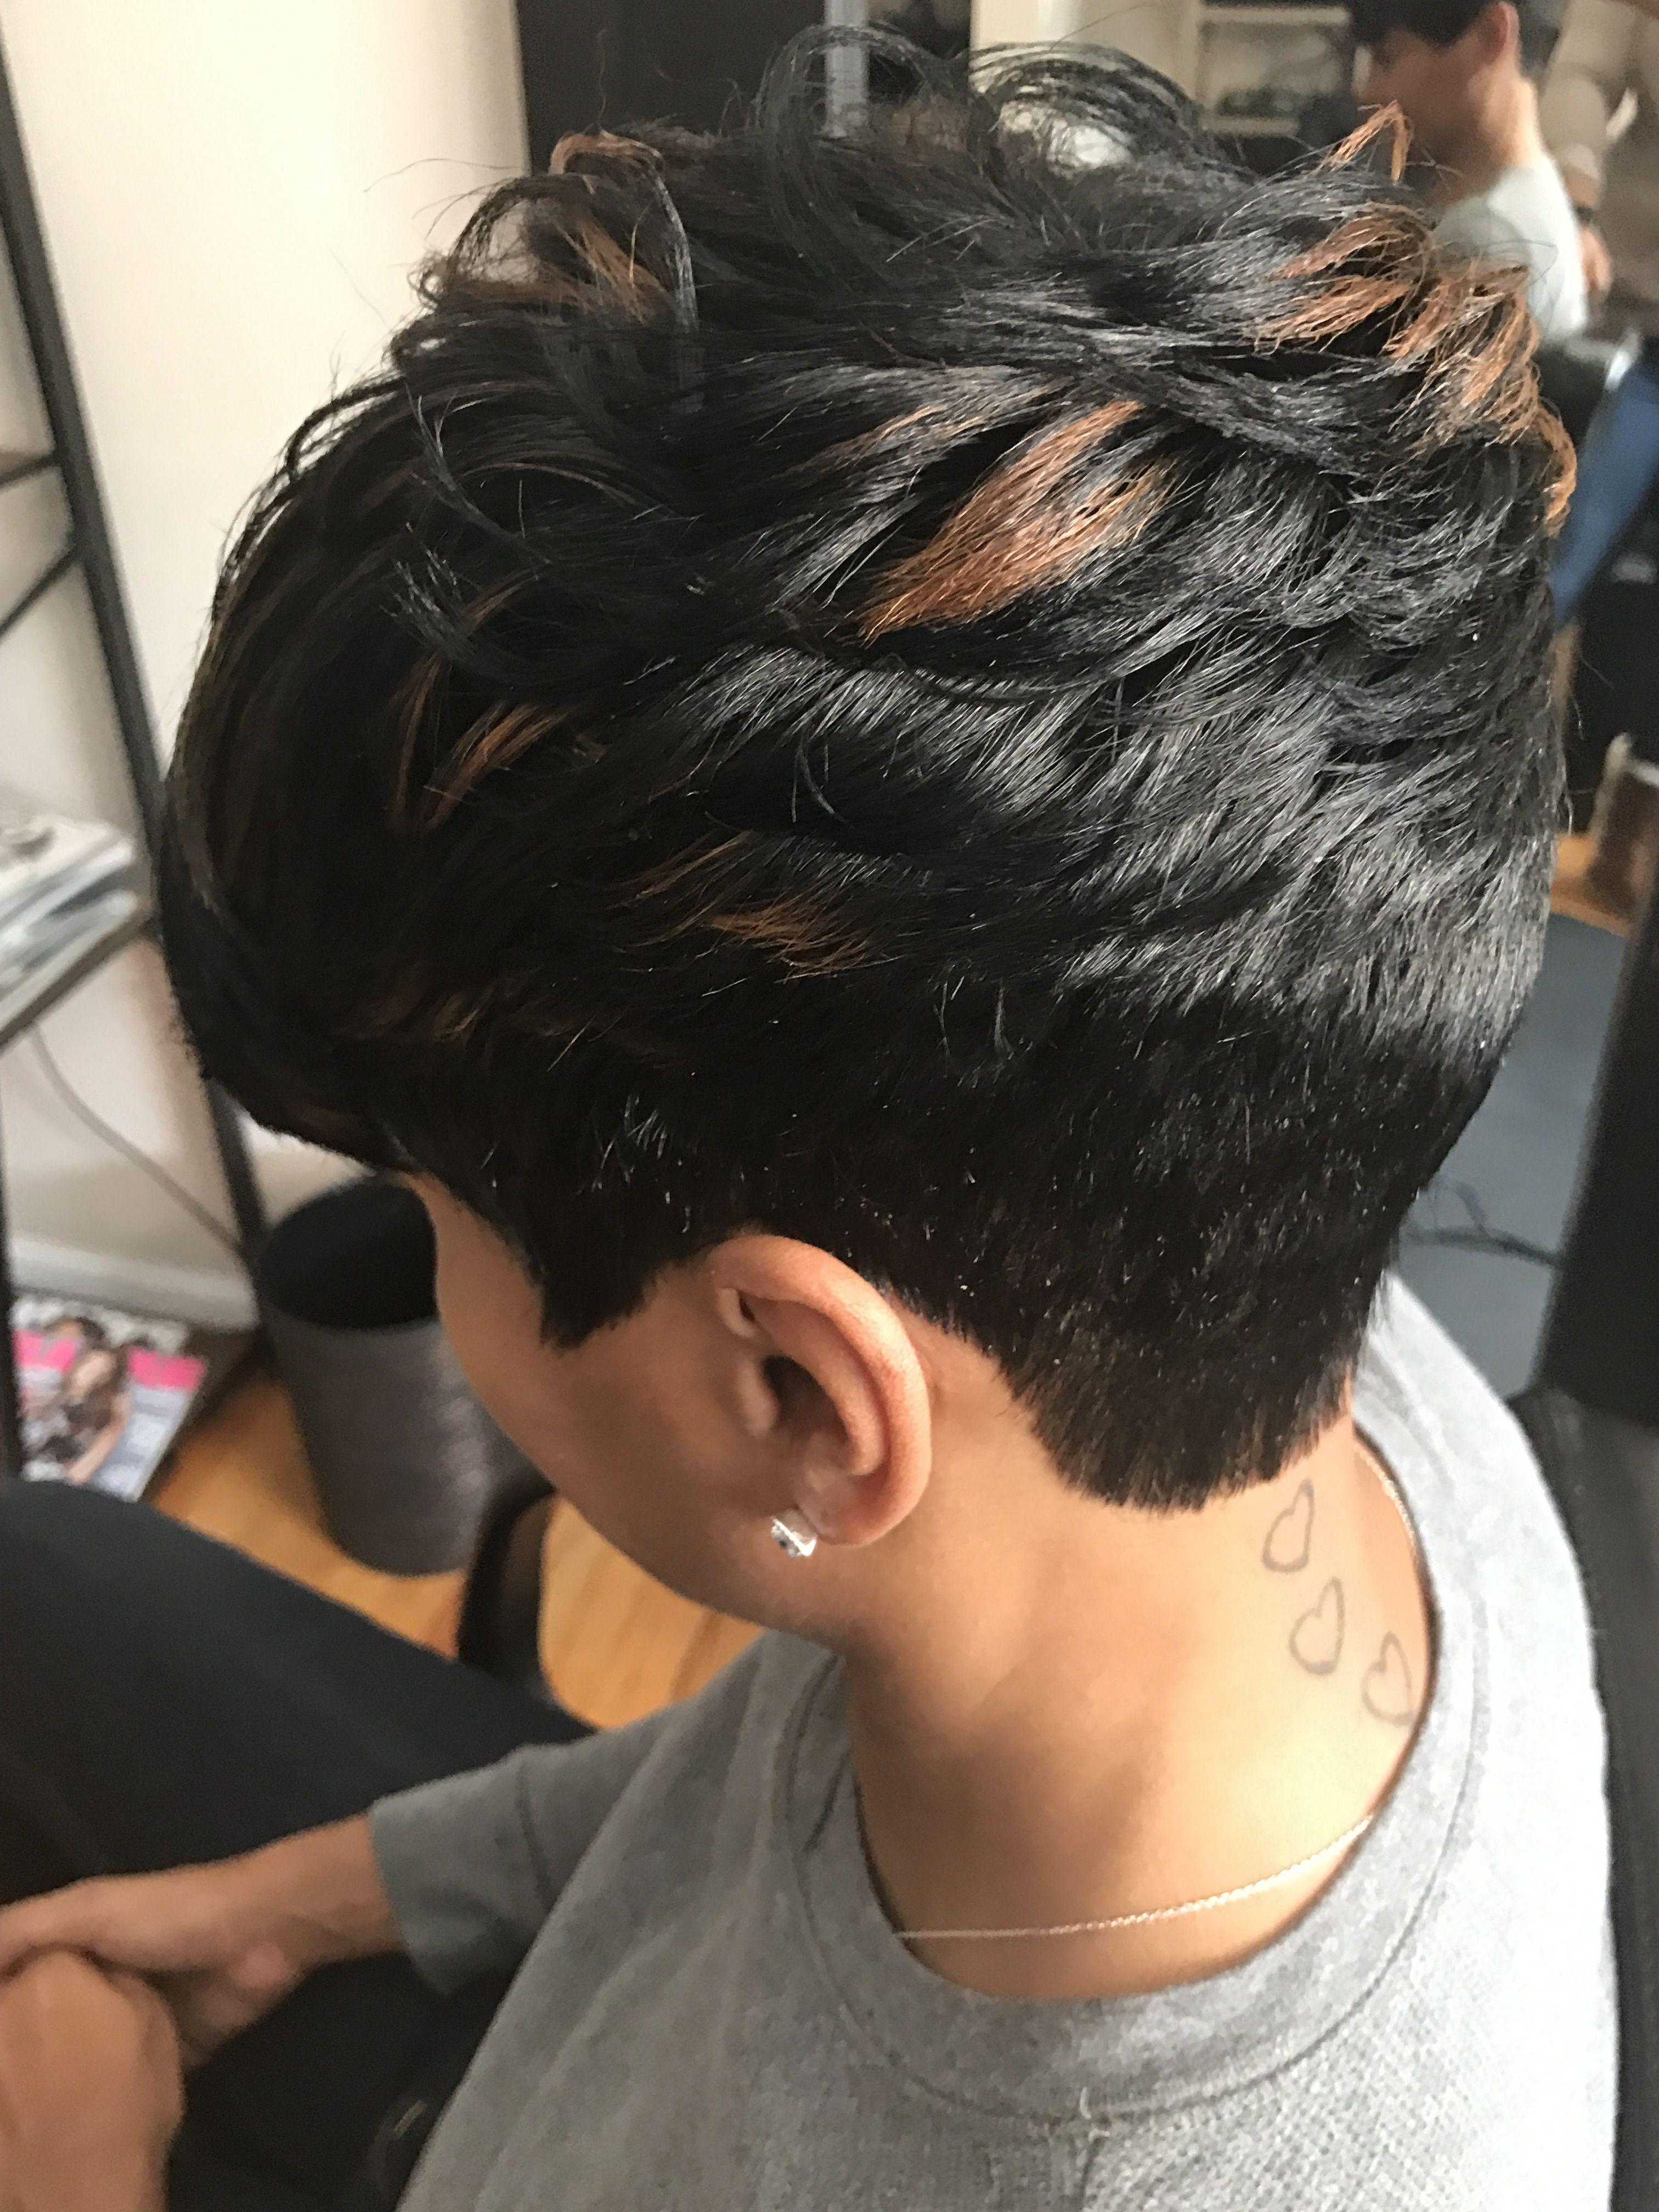 Pin by yolanda logan on fly hair pinterest short hair shorts